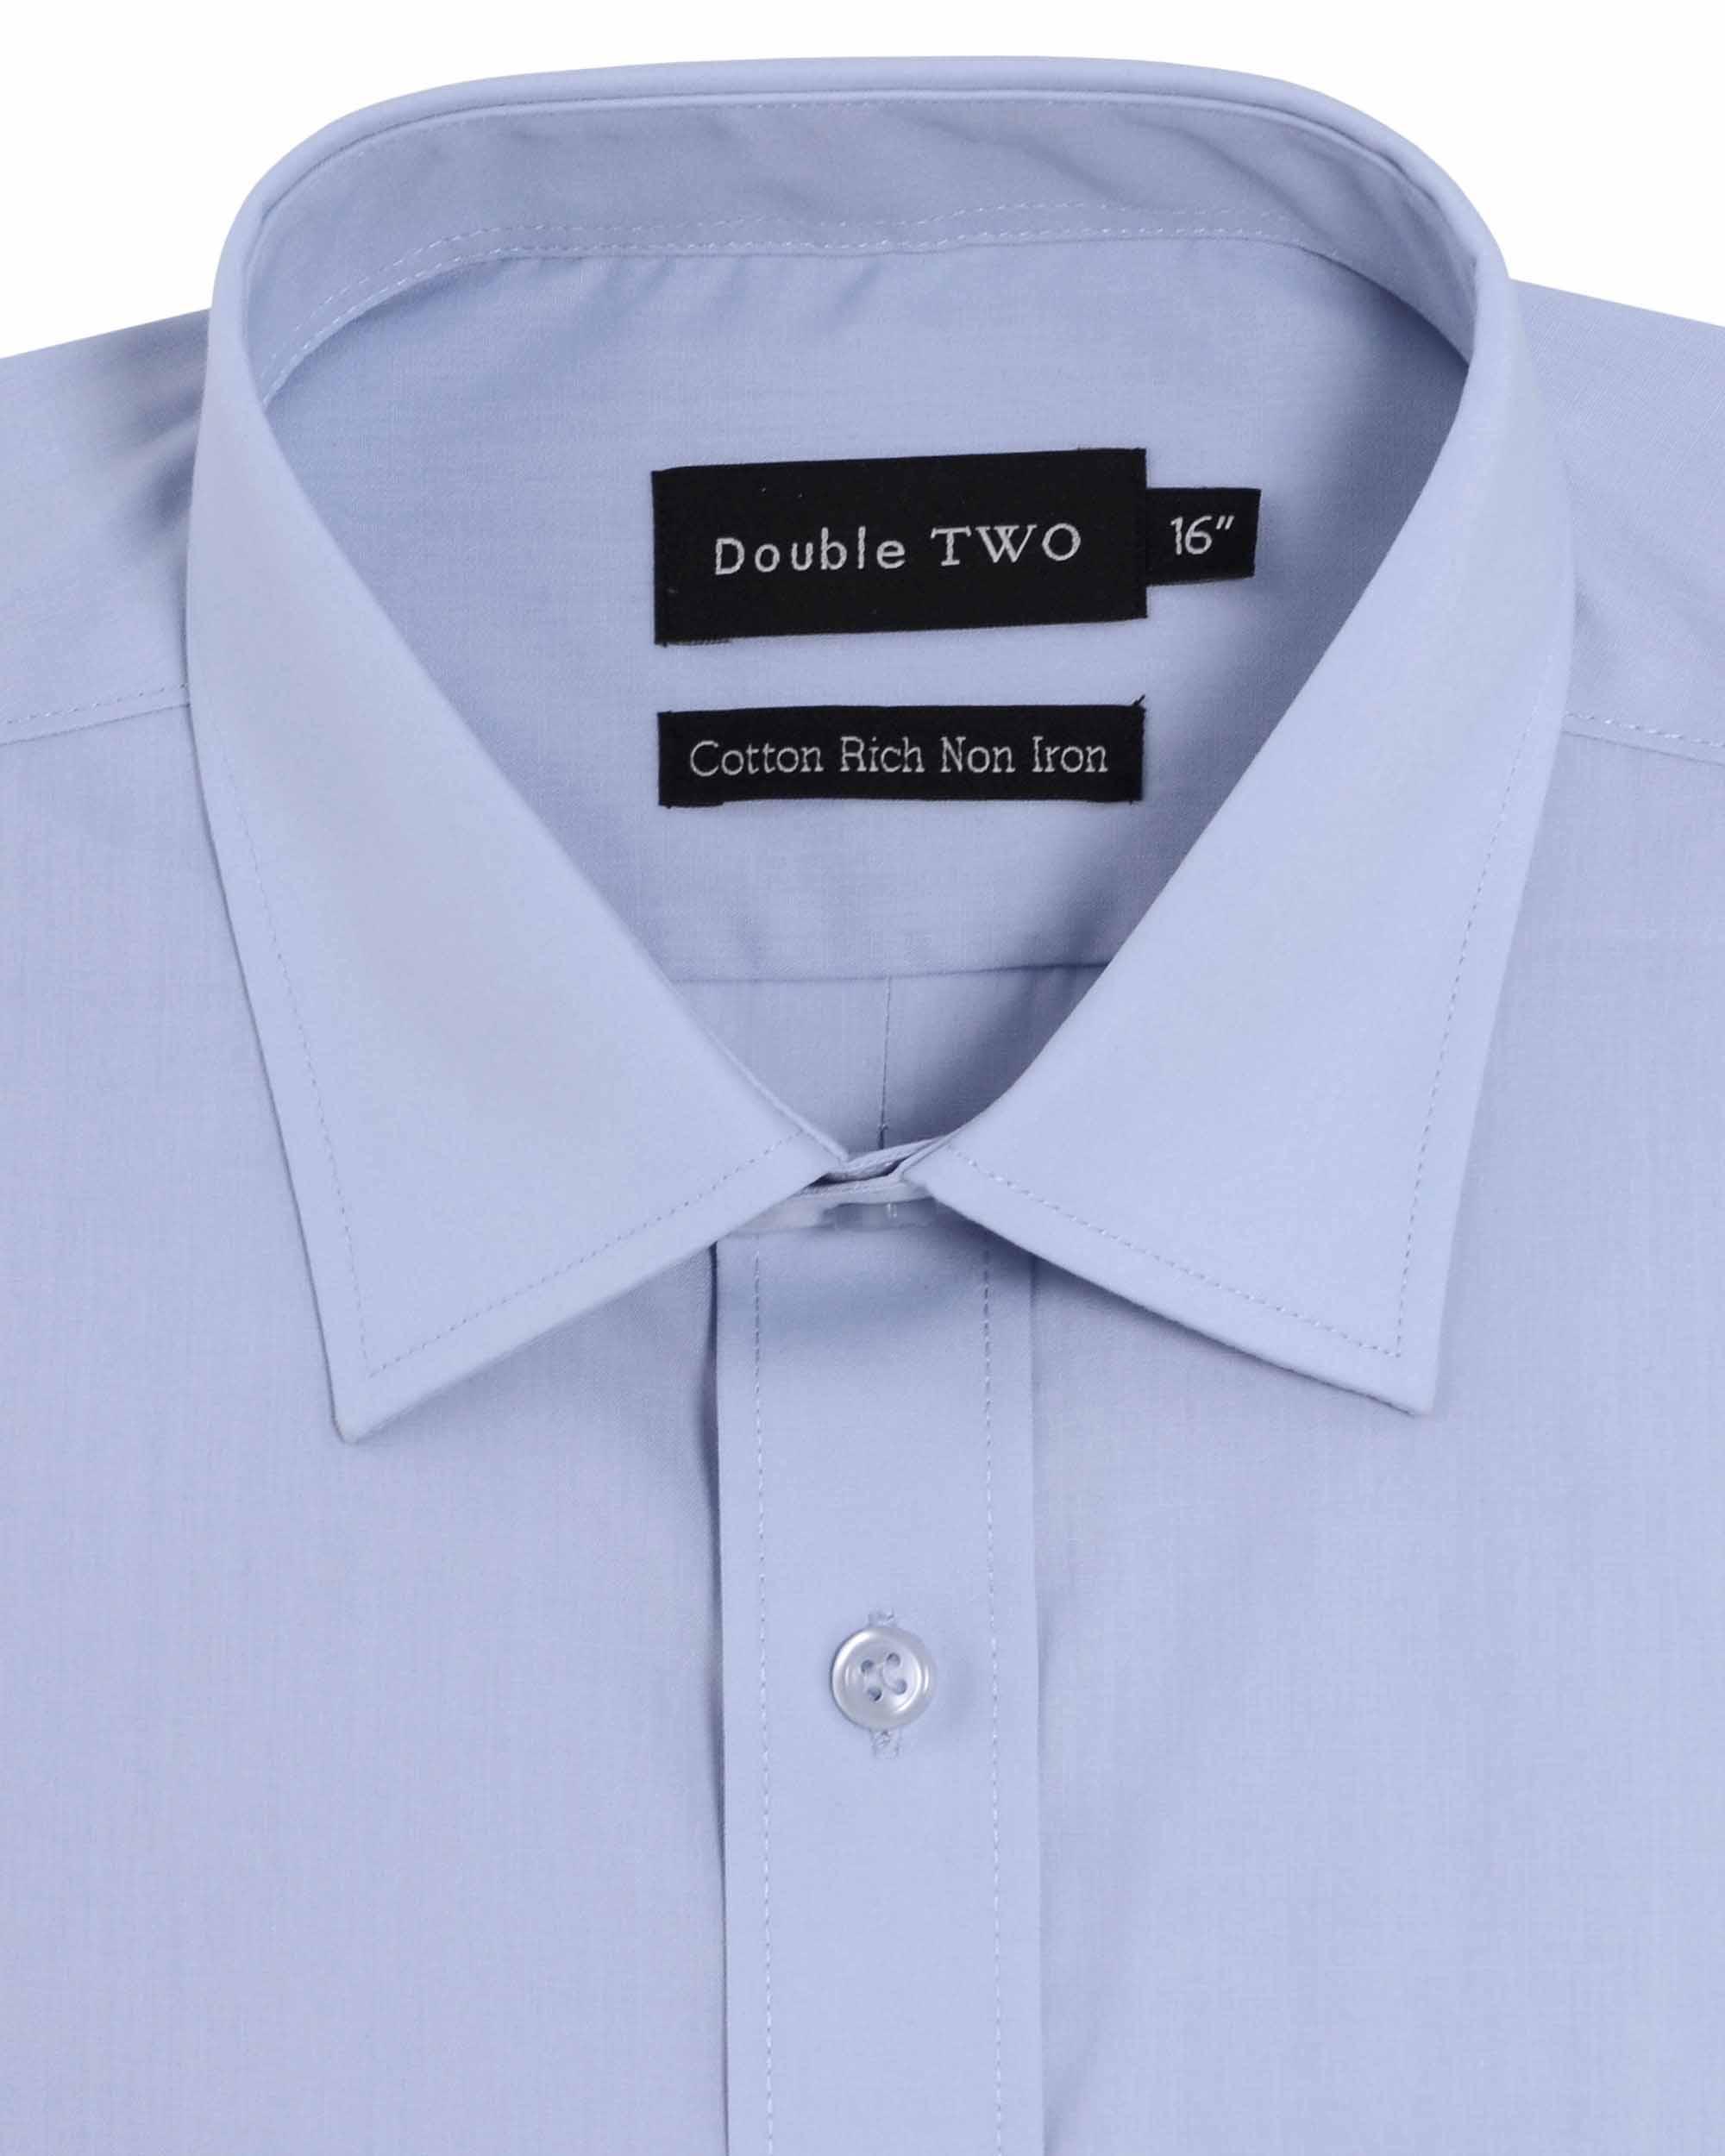 Men's Double TWO Long Sleeve Single Cuff Poplin Shirt